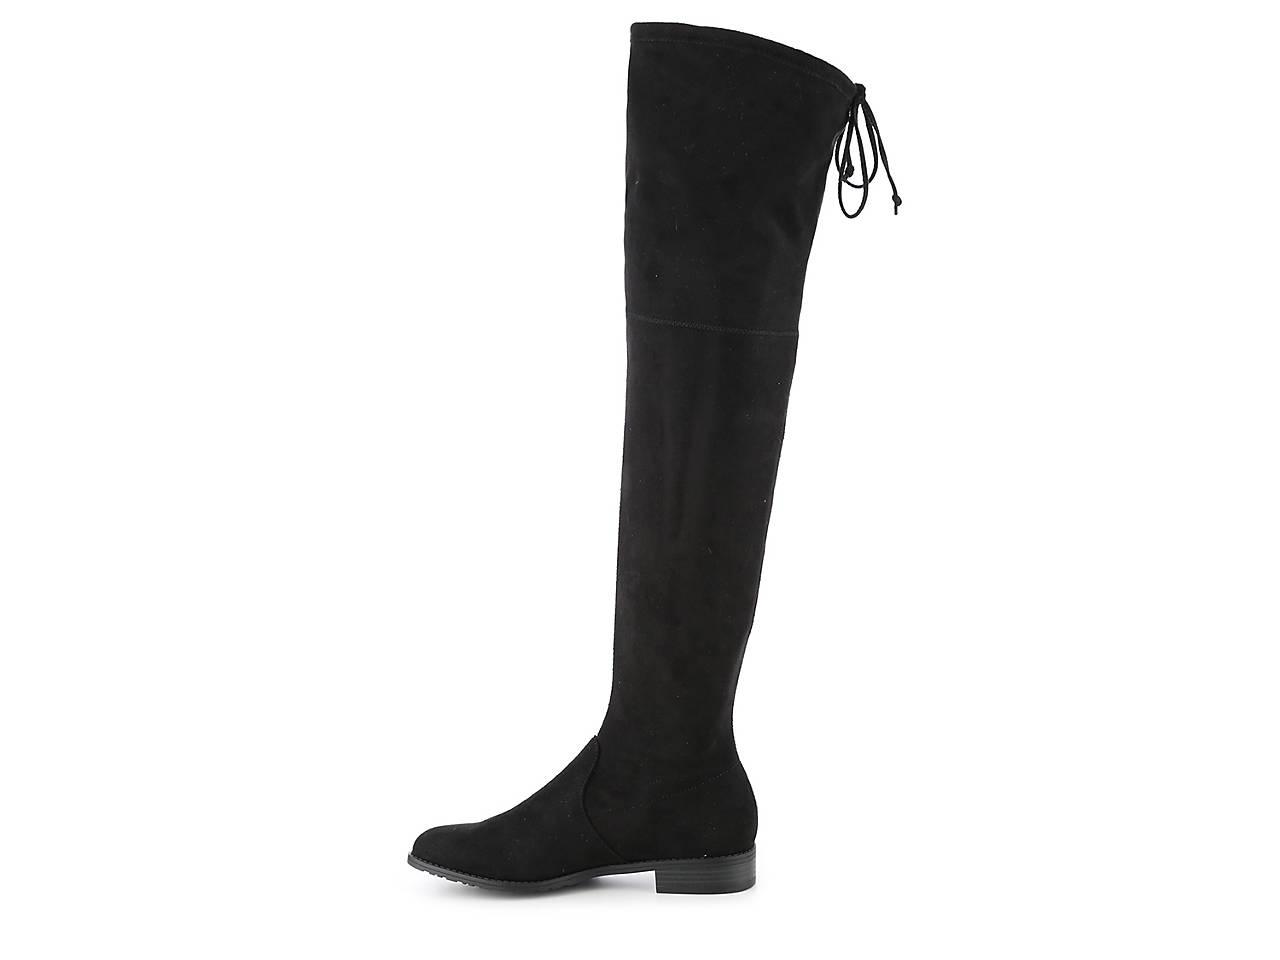 efcaa0880f7 Unisa Adivan Over The Knee Boot Women s Shoes